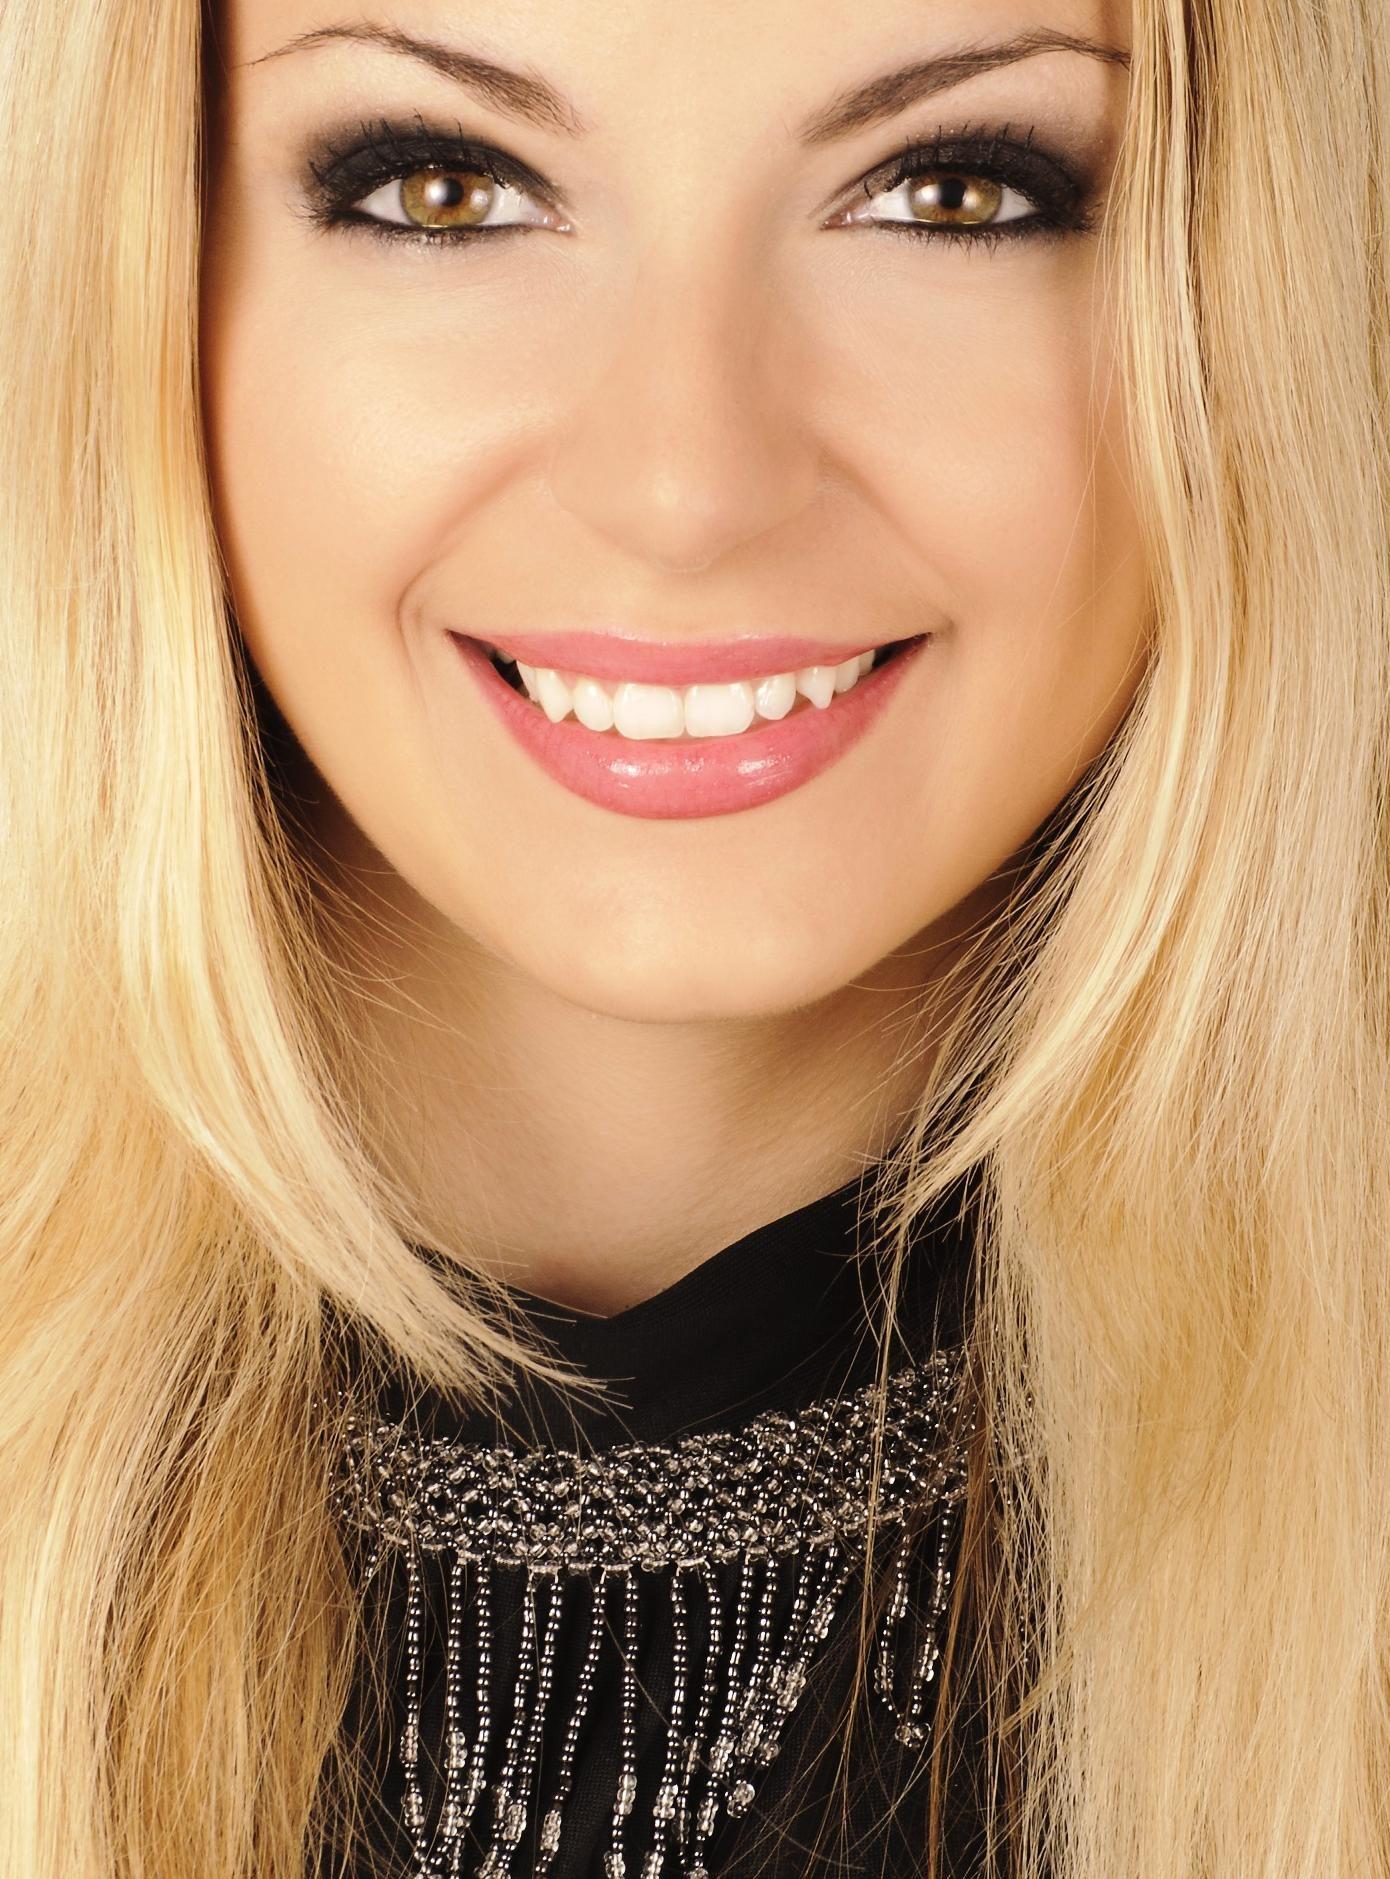 Free picture: woman, fashion, glamour, pretty, eye, lips, face, portrait, skin